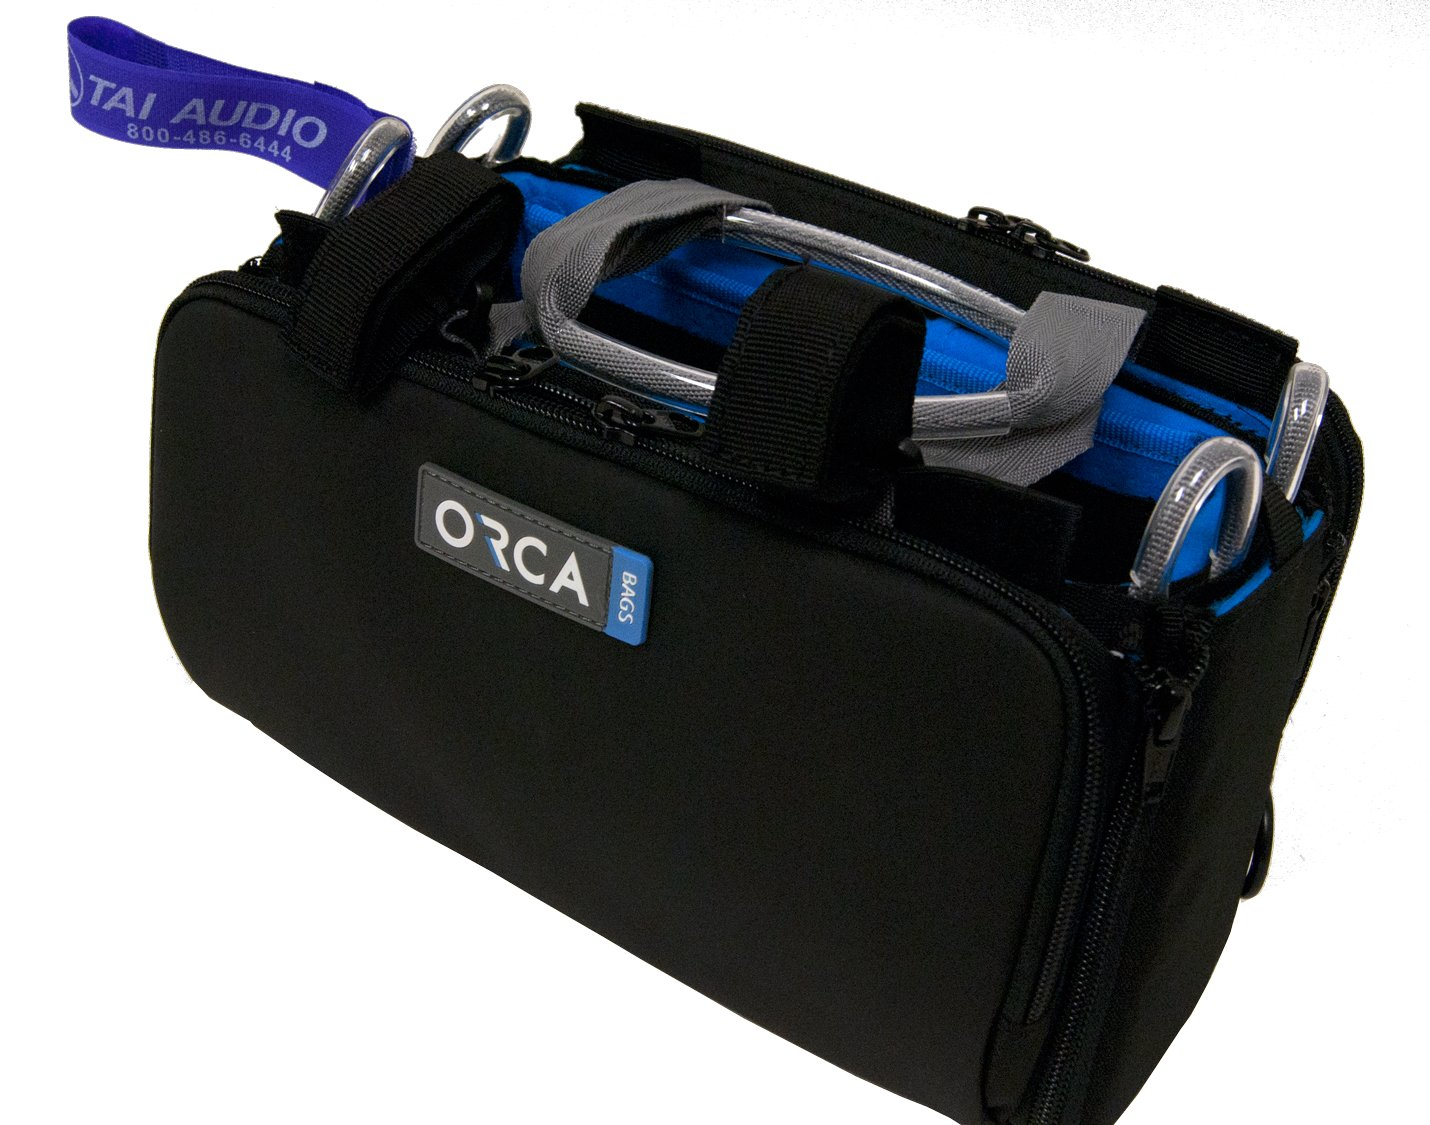 Orca OR-27 Mini Audio Bag w/ TAI Audio Cable Strap